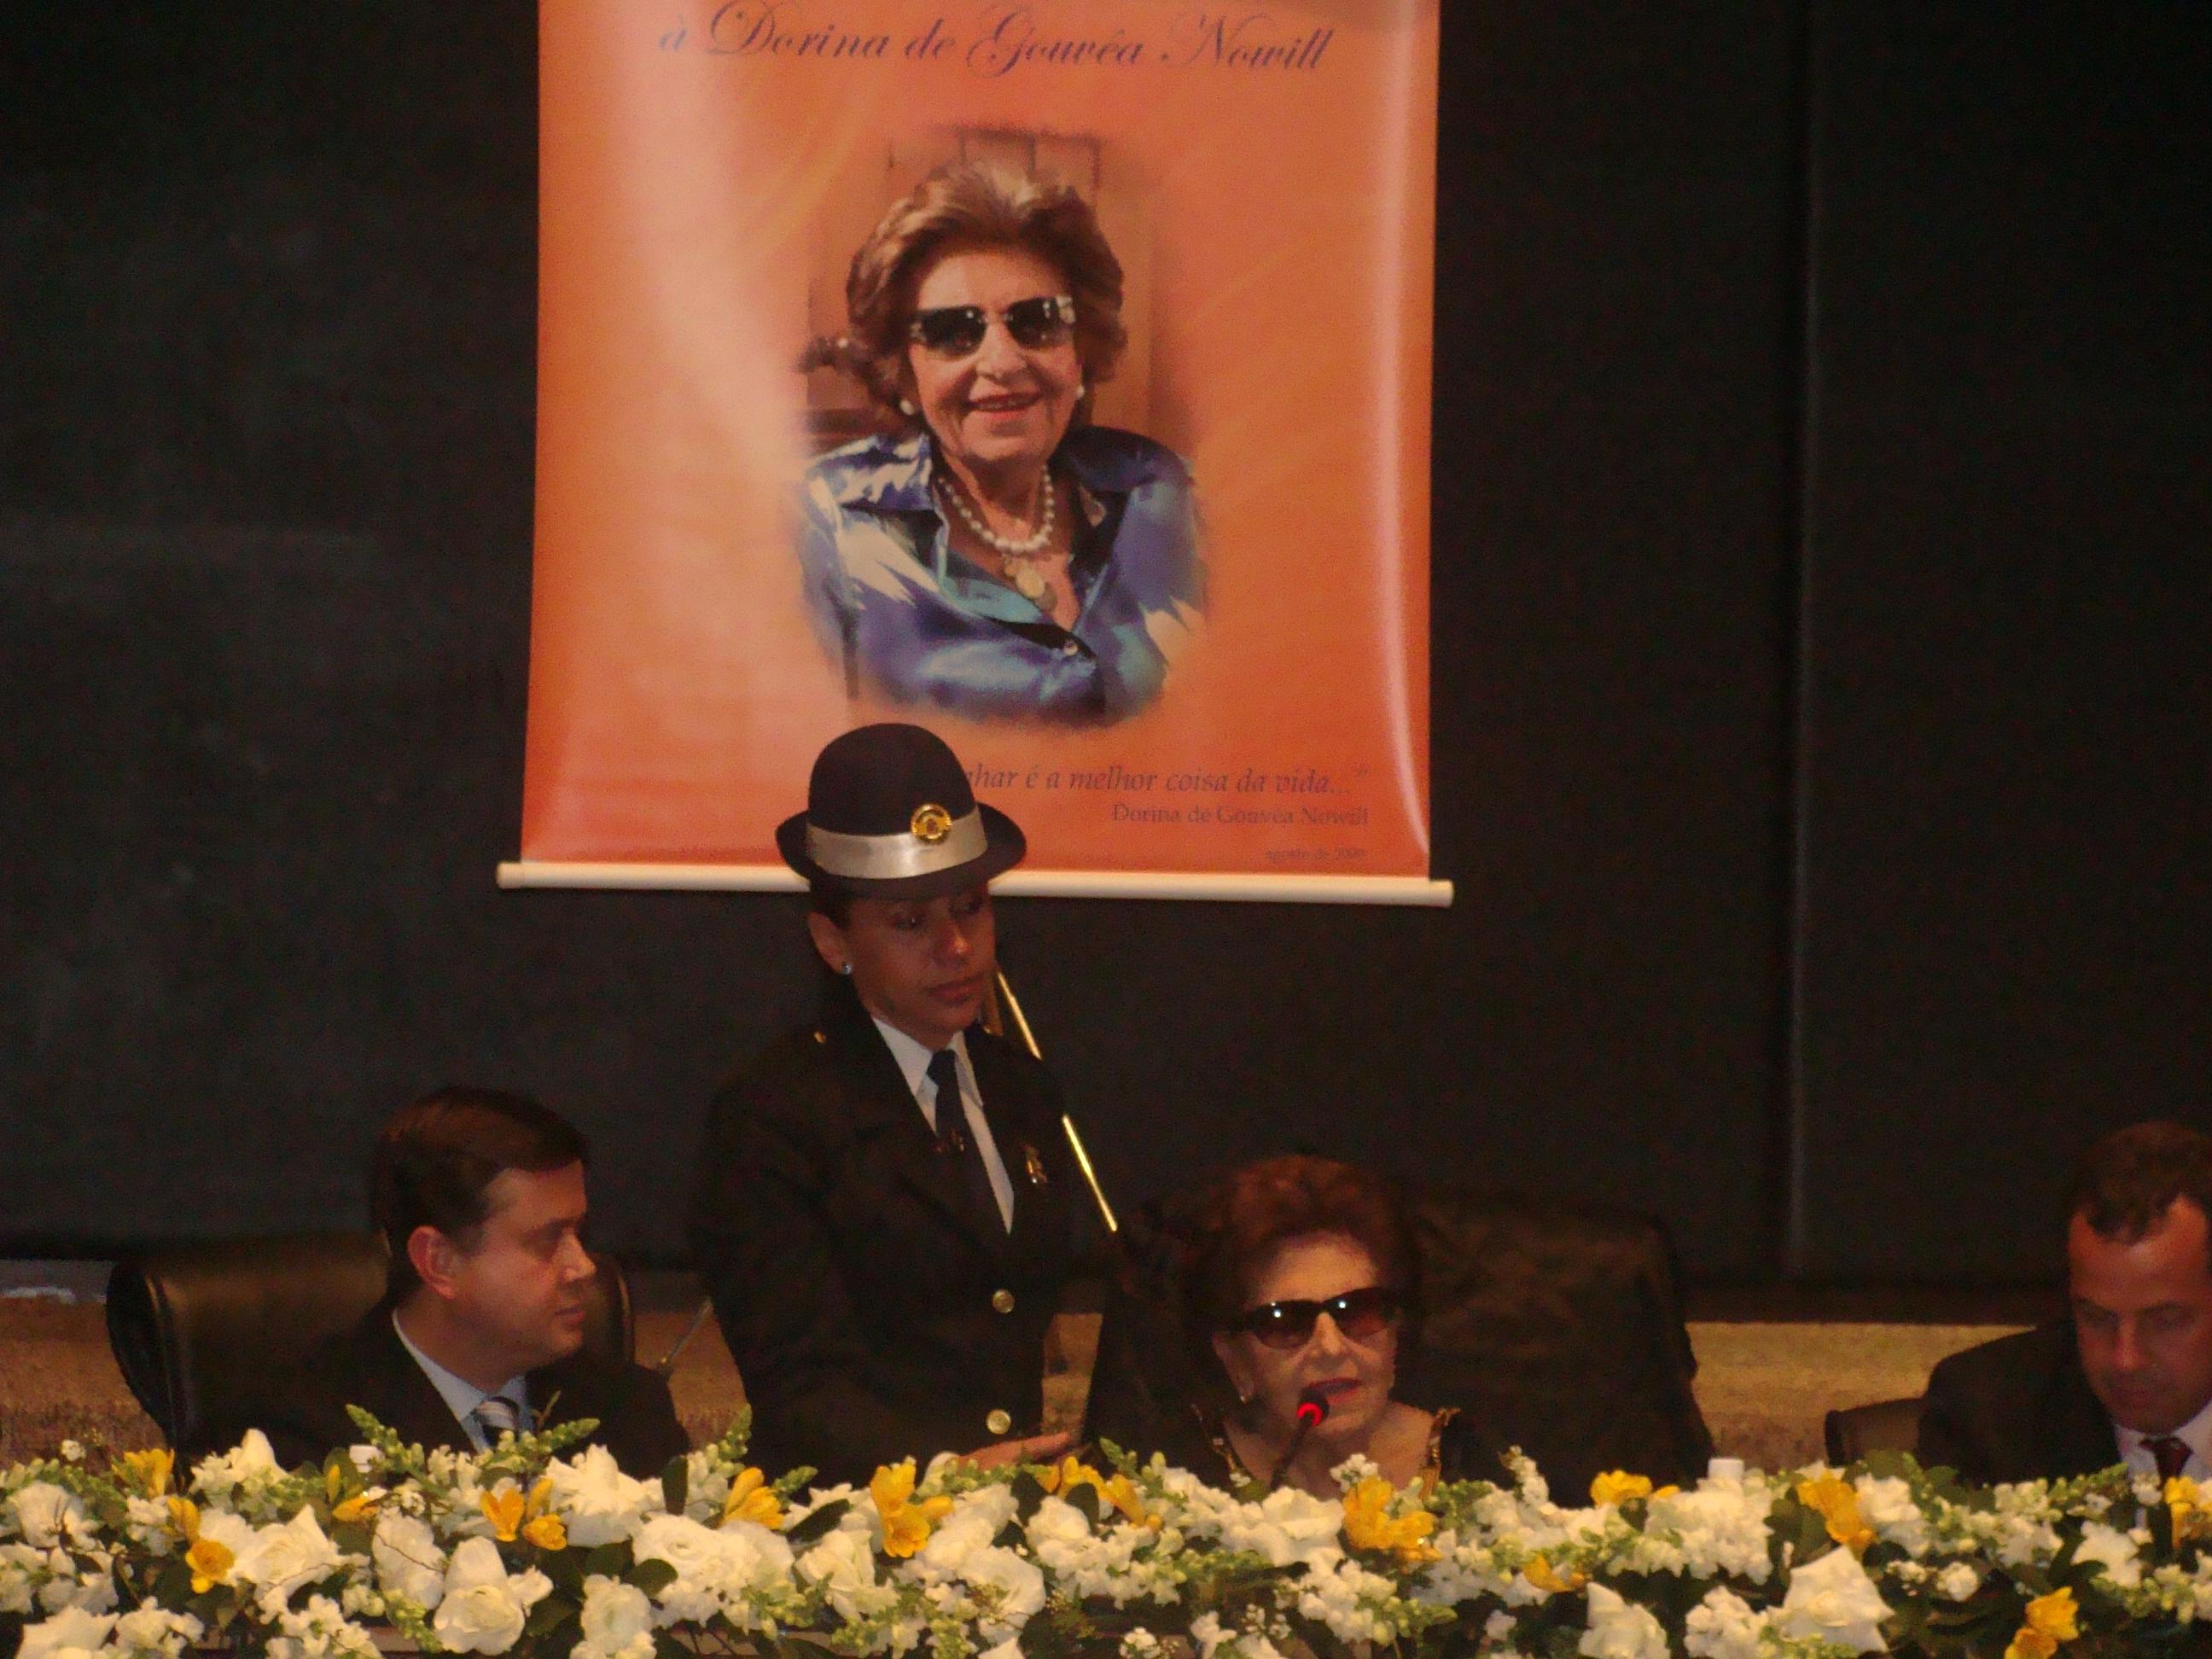 Foto de Dorina sorrindo num palanque com duas pessoas